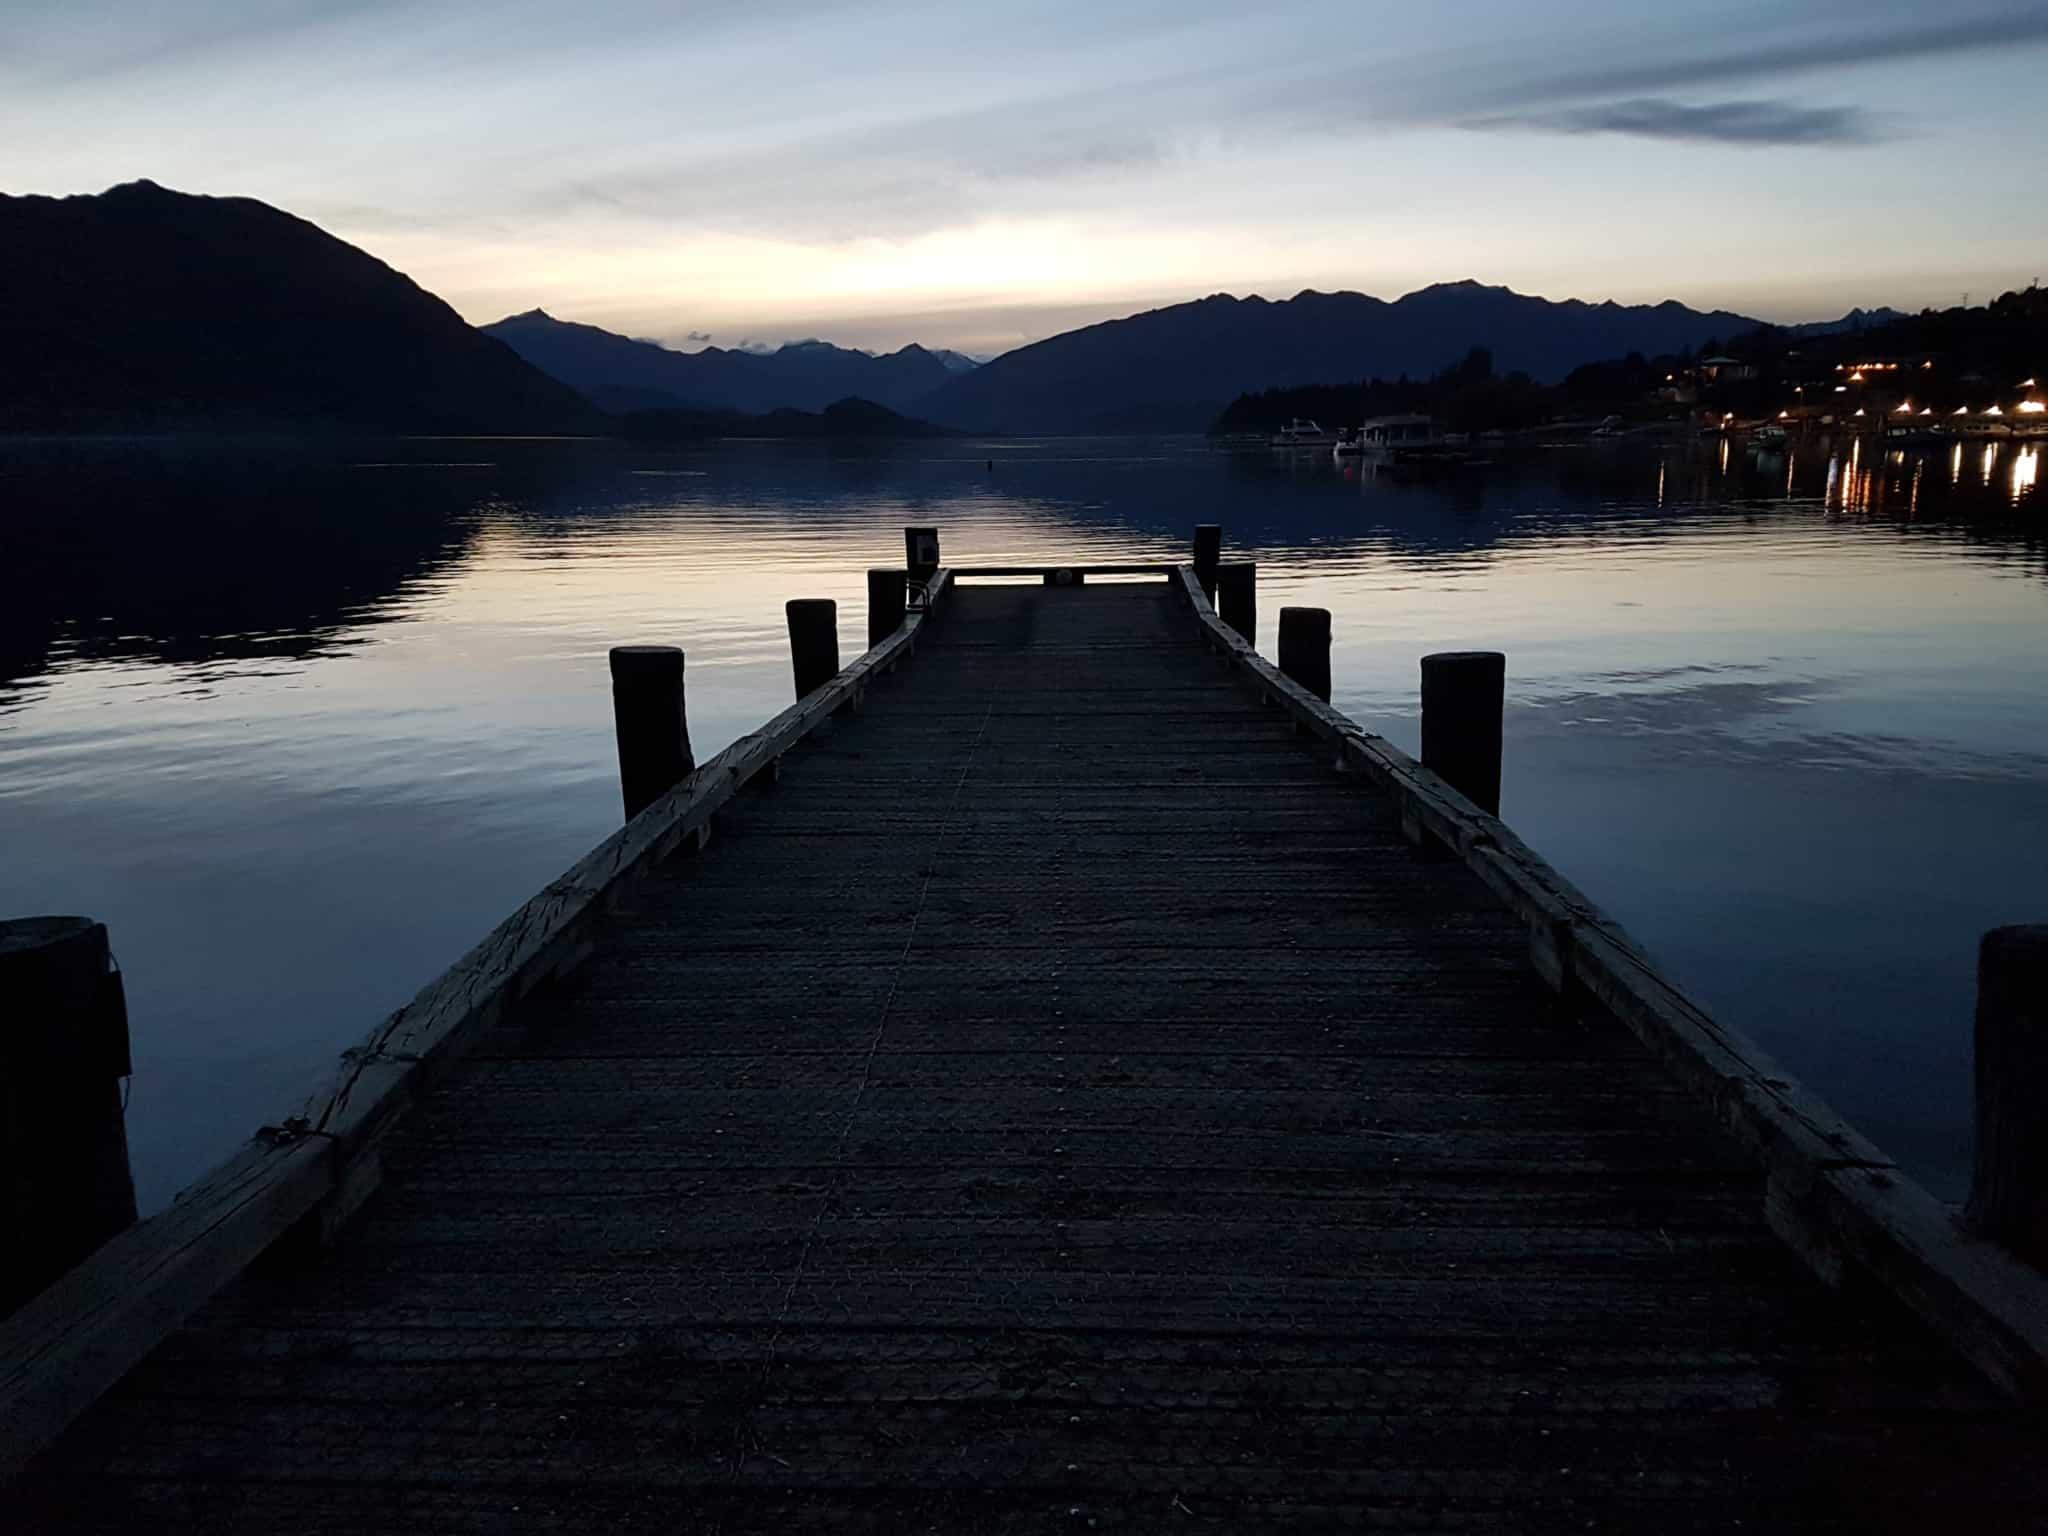 Nouvelle-Zélande, derniers  instants de notre trip en NZ 🖐 10